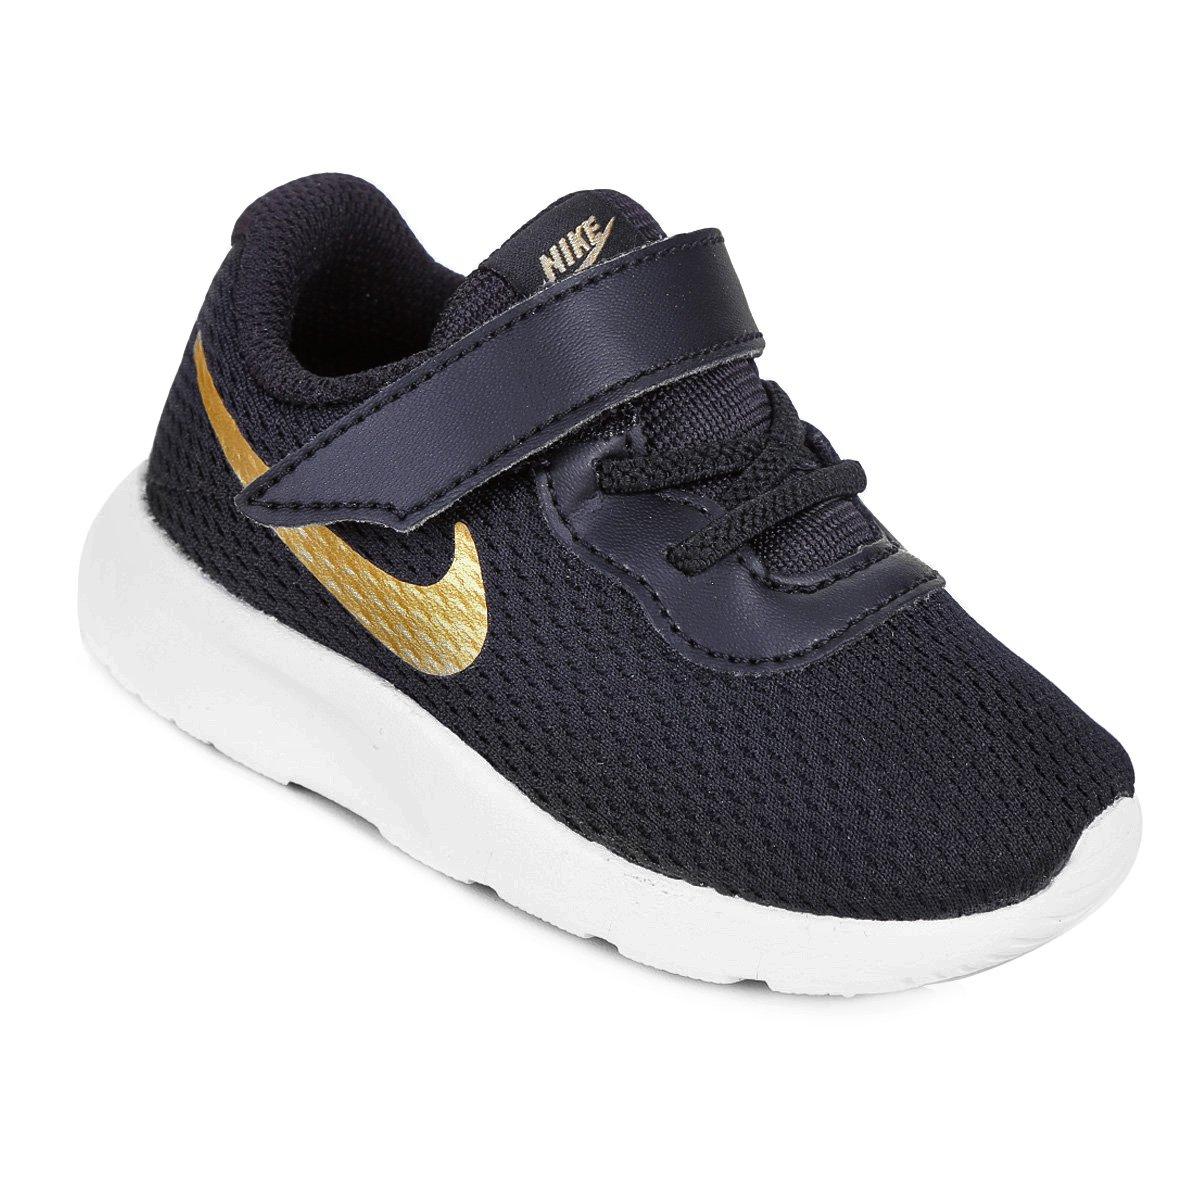 63dd58ae6 Tênis Infantil Nike Tanjun - Preto e Dourado - Compre Agora